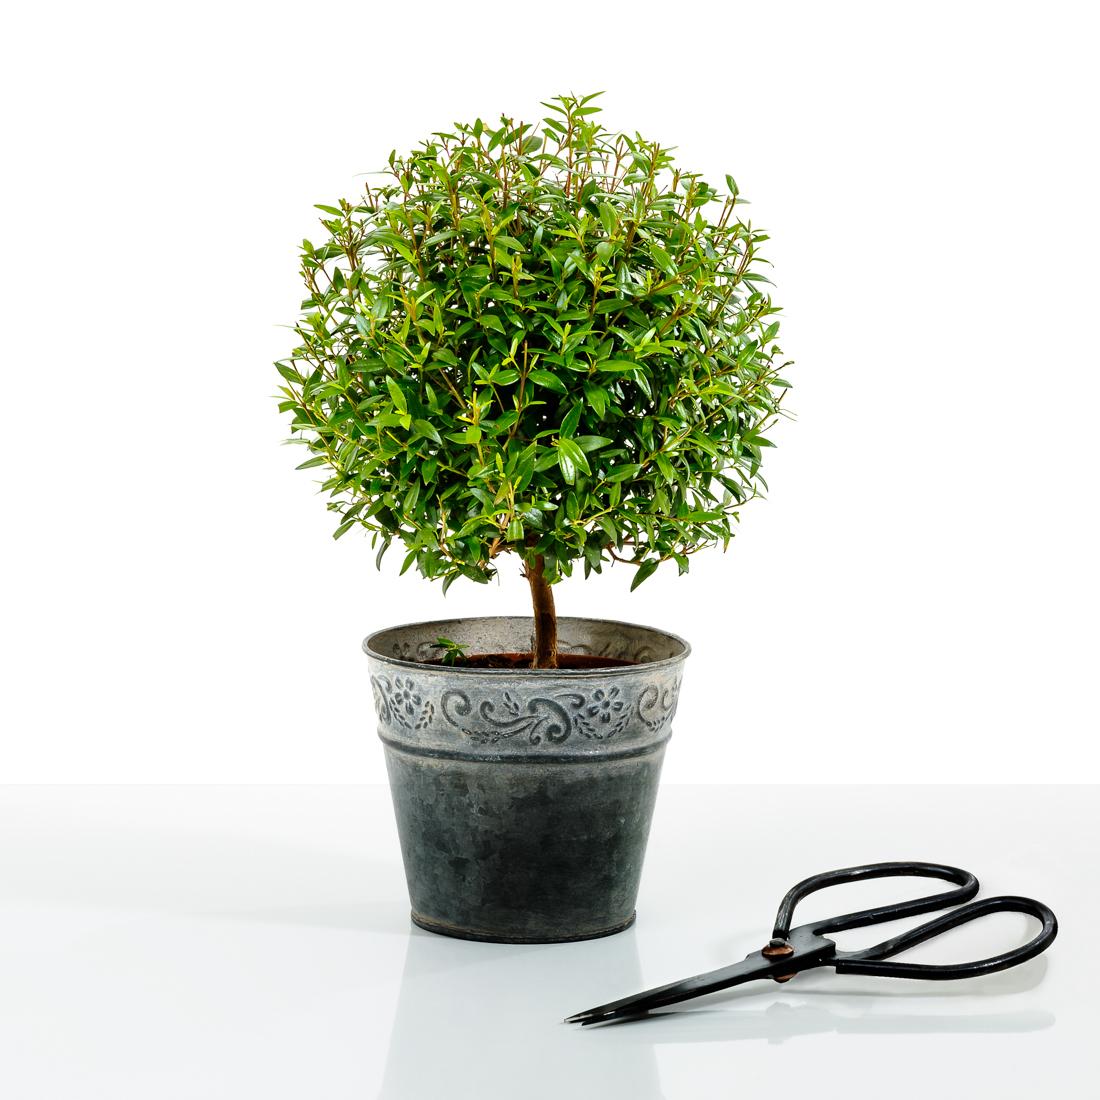 фото комнатного растения мирт следует кольцами вперёд